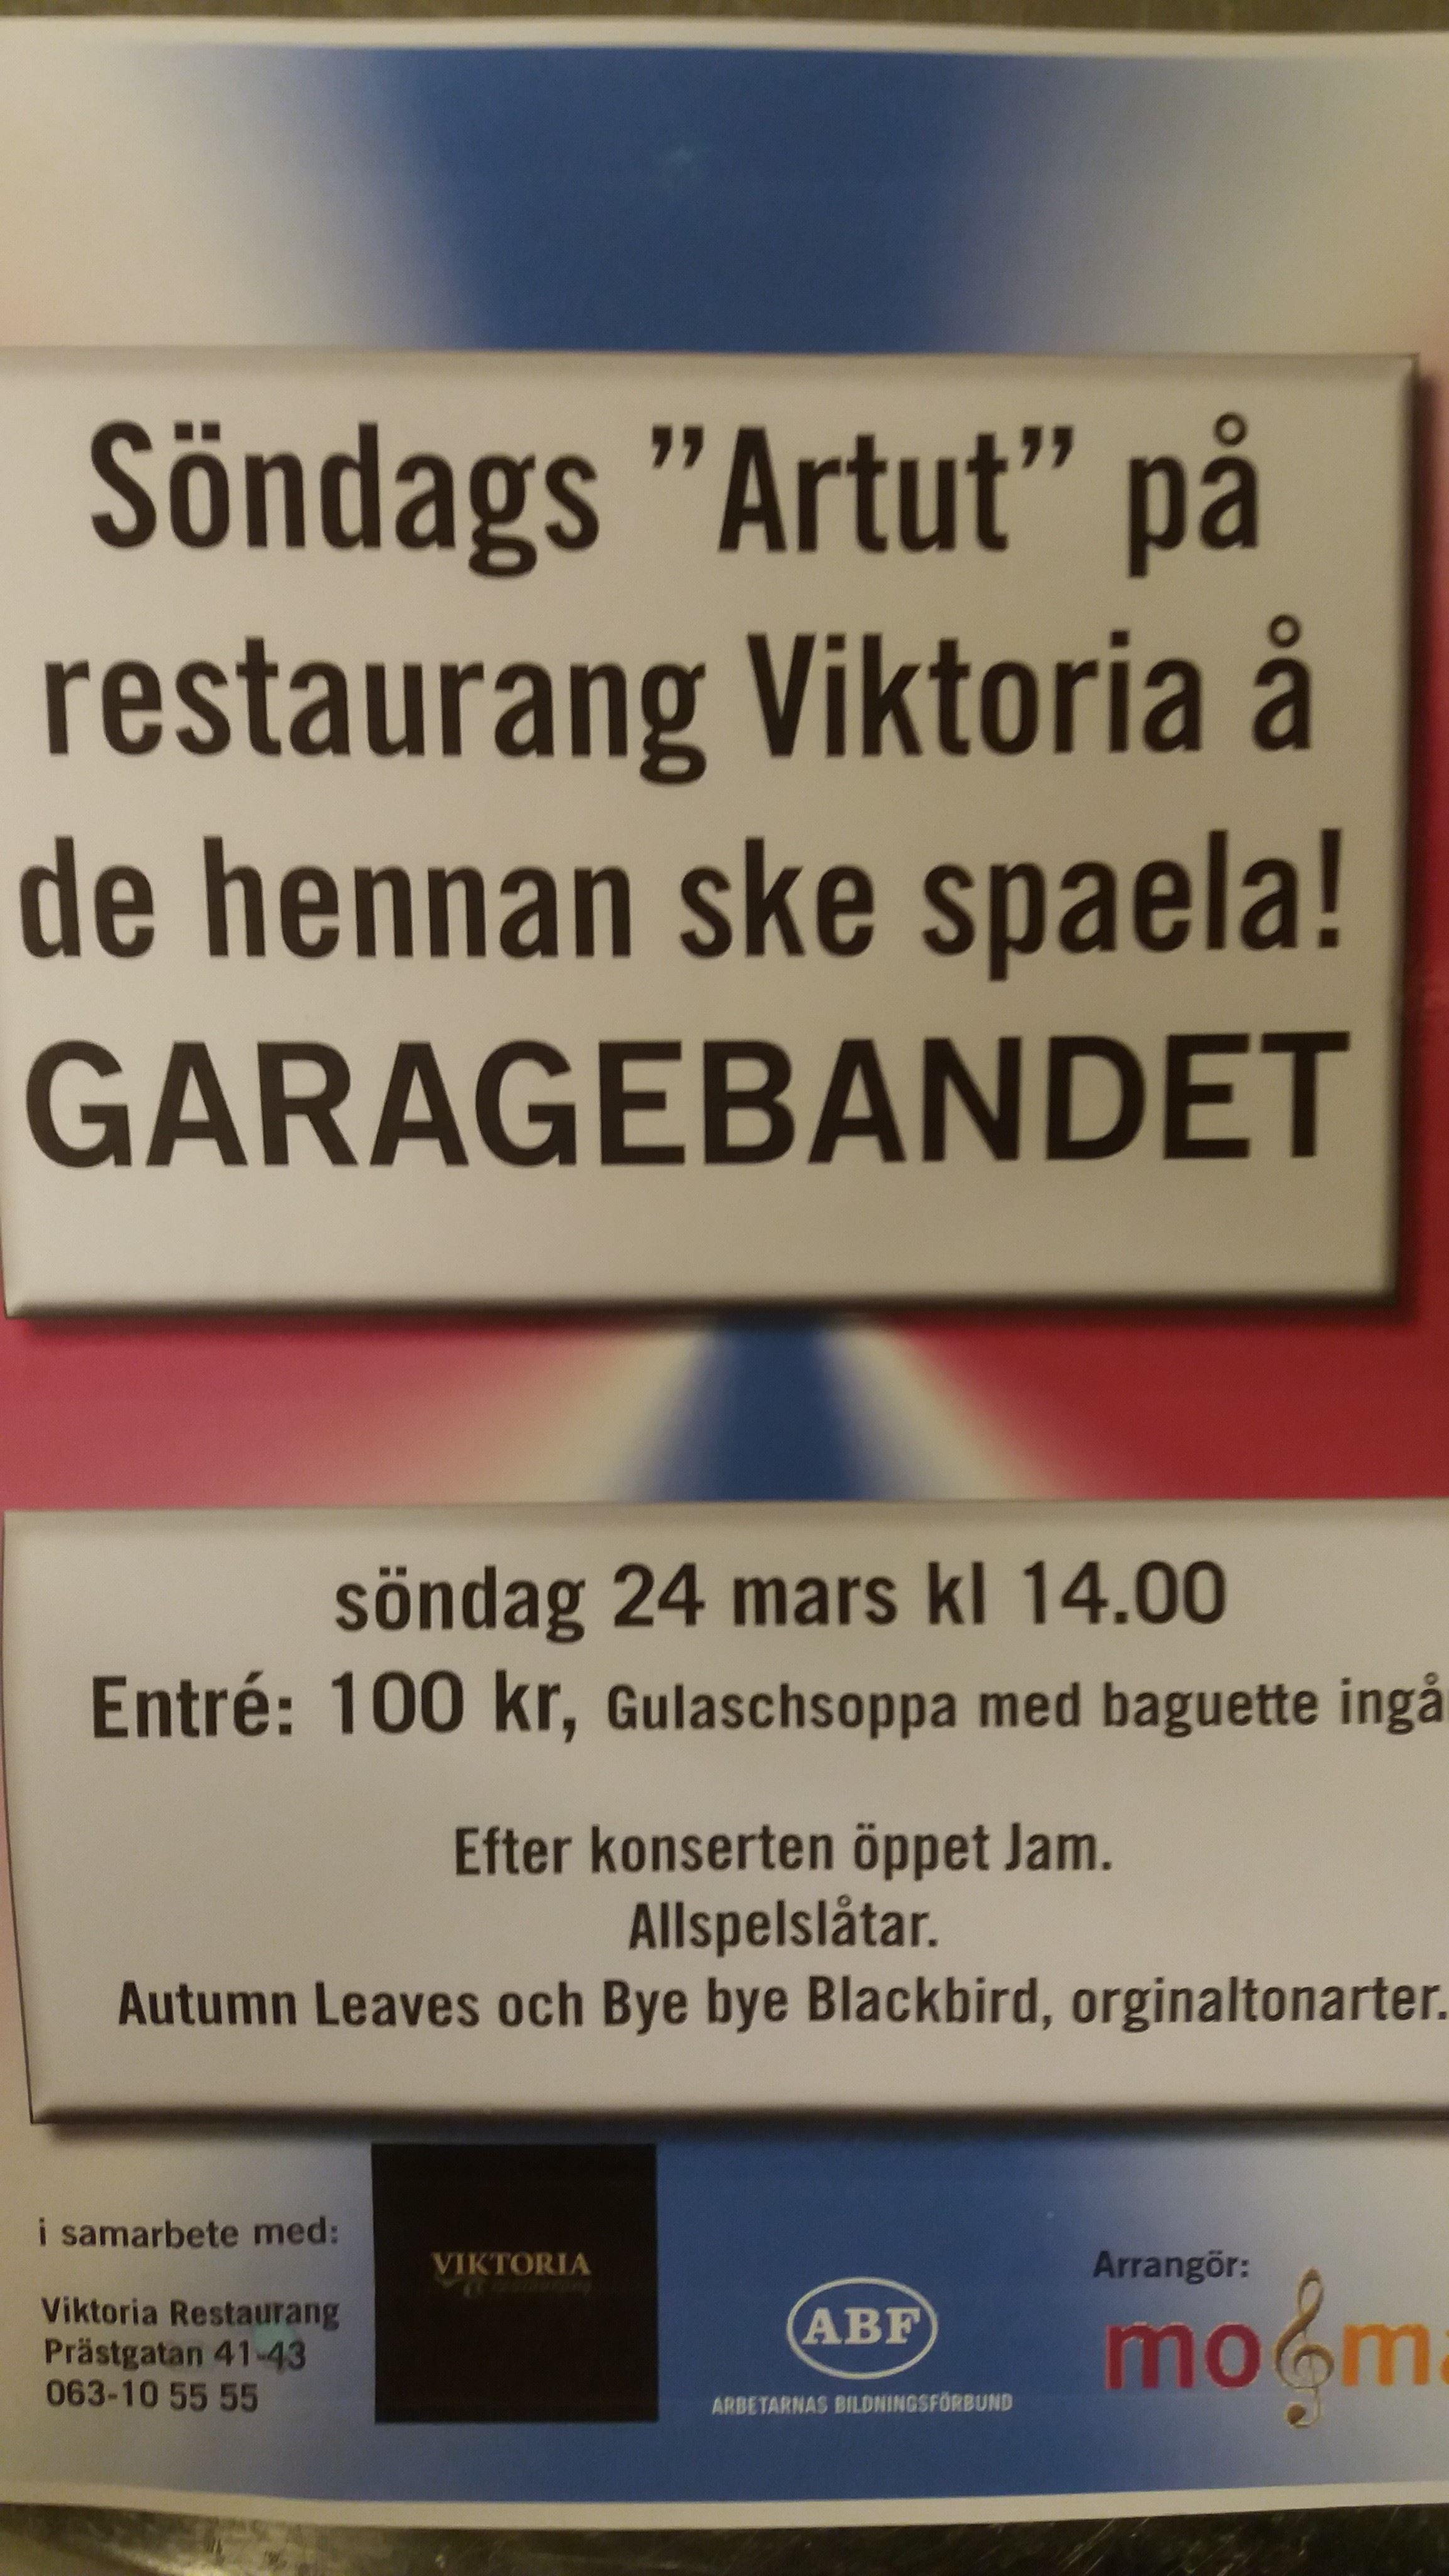 © Restaurang Viktoria, Garagebandet at Restaurant Viktoria